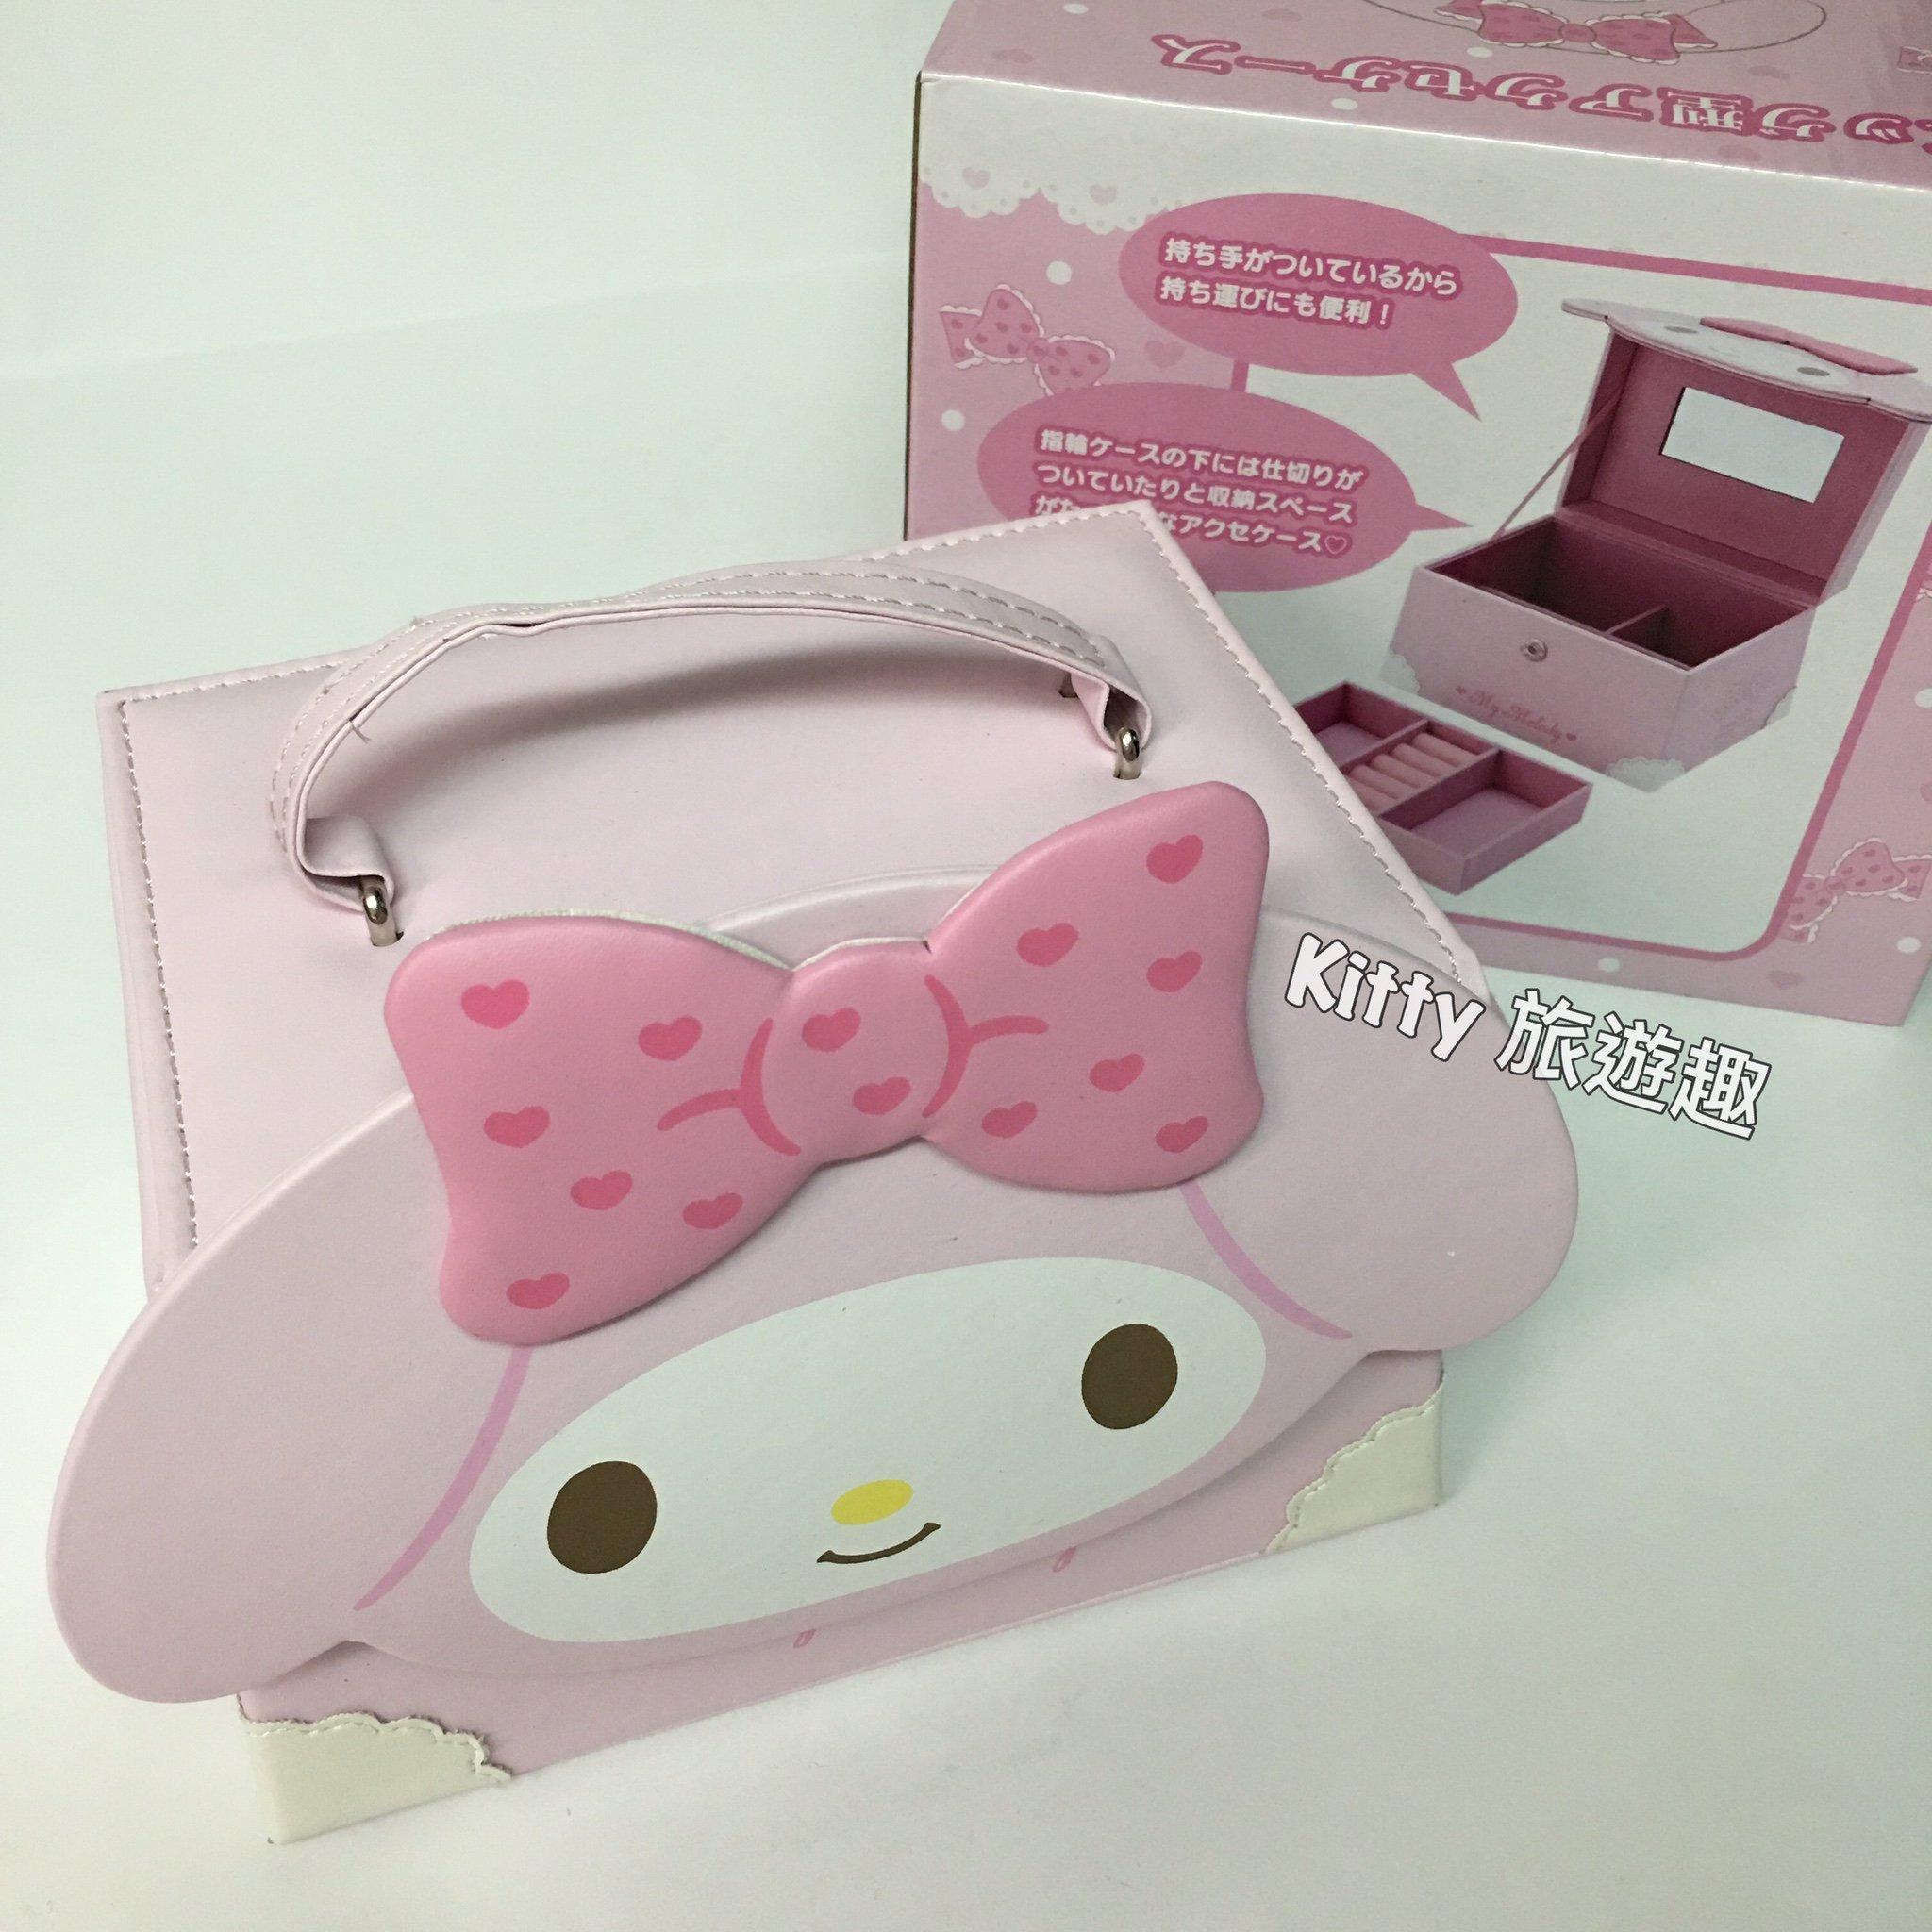 [Kitty 旅遊趣] My Melody 首飾盒 珠寶盒 美樂蒂 飾品盒 提包型飾品盒 有鏡子 擺飾品